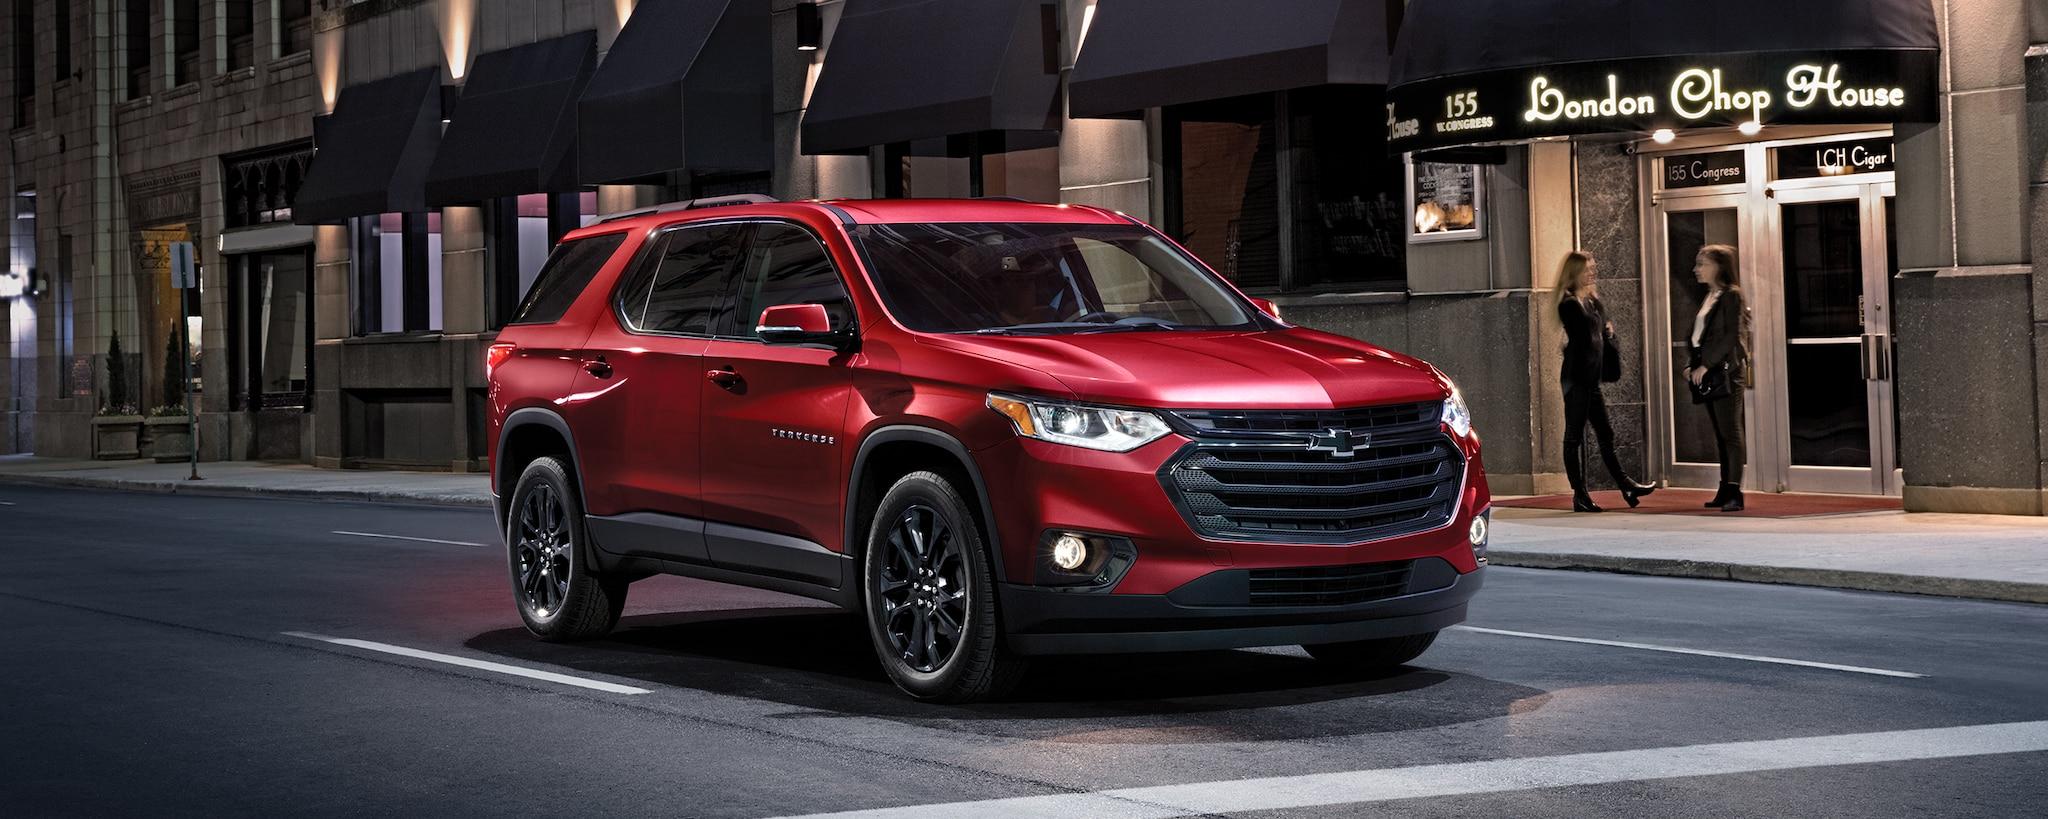 Vehículos comerciales de Chevrolet: SUV de tamaño mediano Traverse